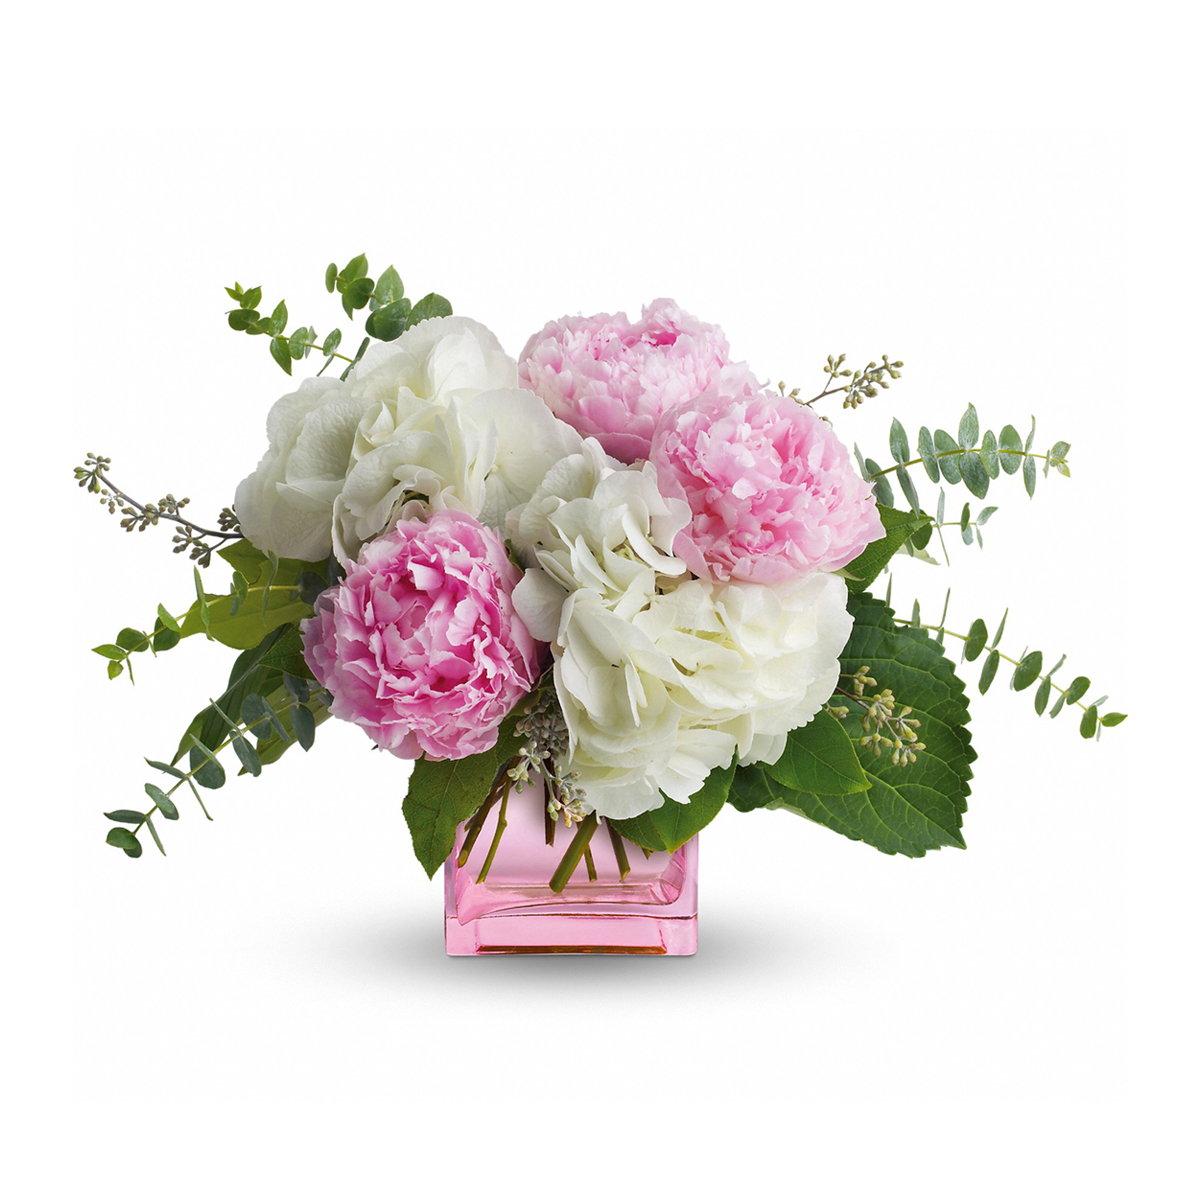 Voted Best Florist And Flower Shop In Las Vegas By Readers Of Las